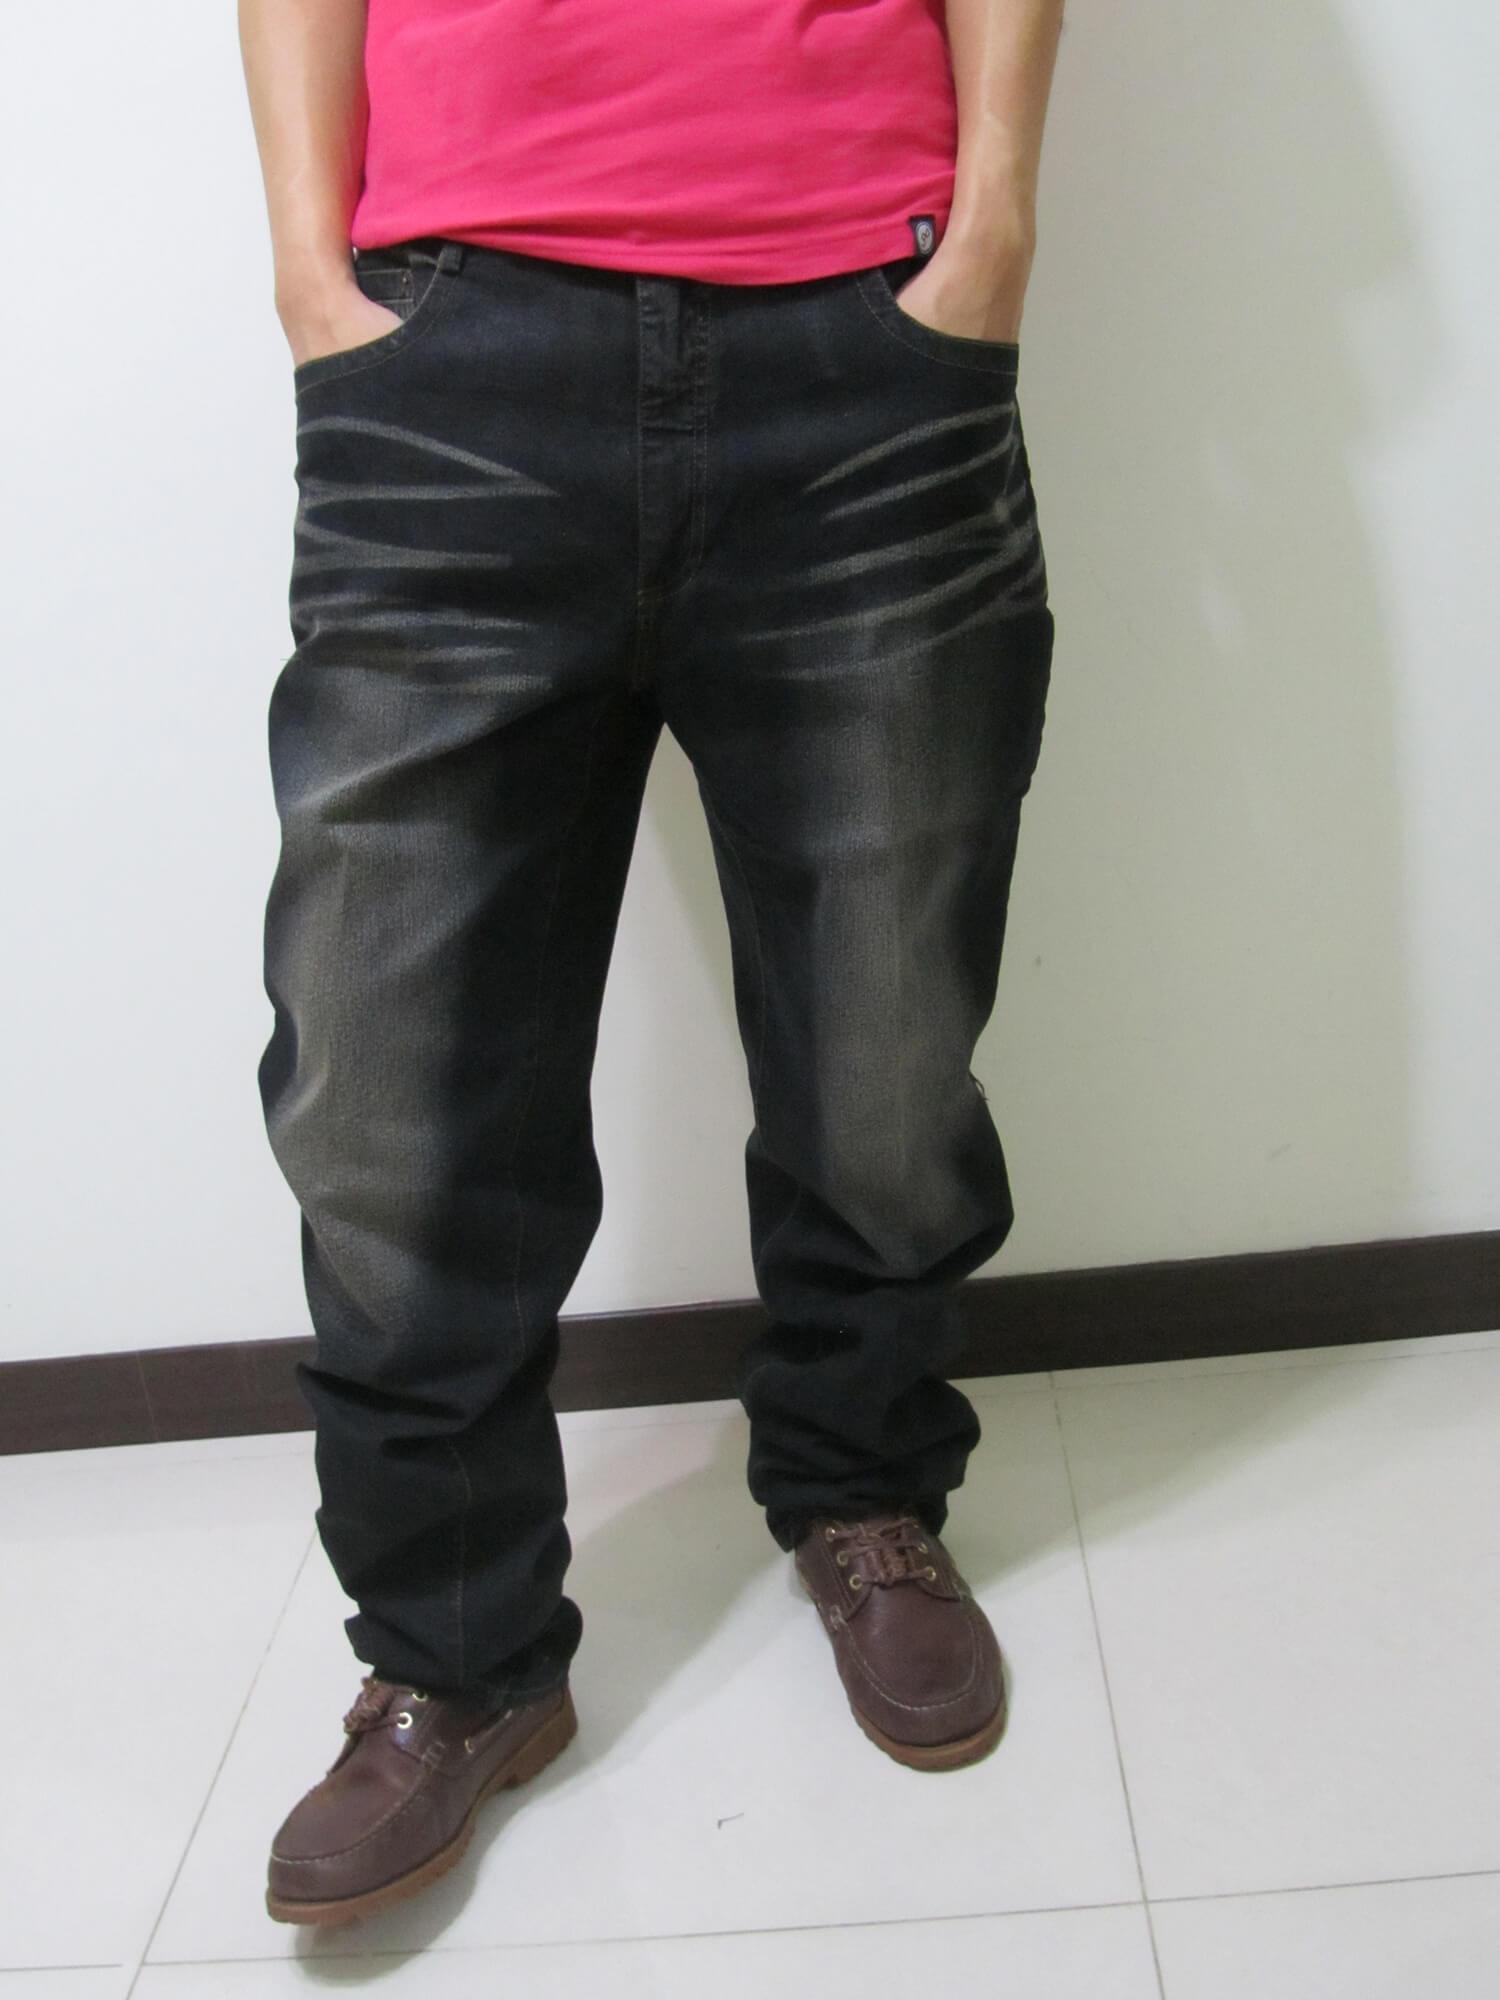 sun-e加大尺碼台灣製造復古.後口袋日系和風繡圖牛仔直筒長褲、加大尺碼黑色牛仔褲、加大尺碼牛仔長褲、加大尺碼單寧長褲、加大尺碼褲子、(390-1388-37) 腰圍:40 42 44 46 48(英吋) 1